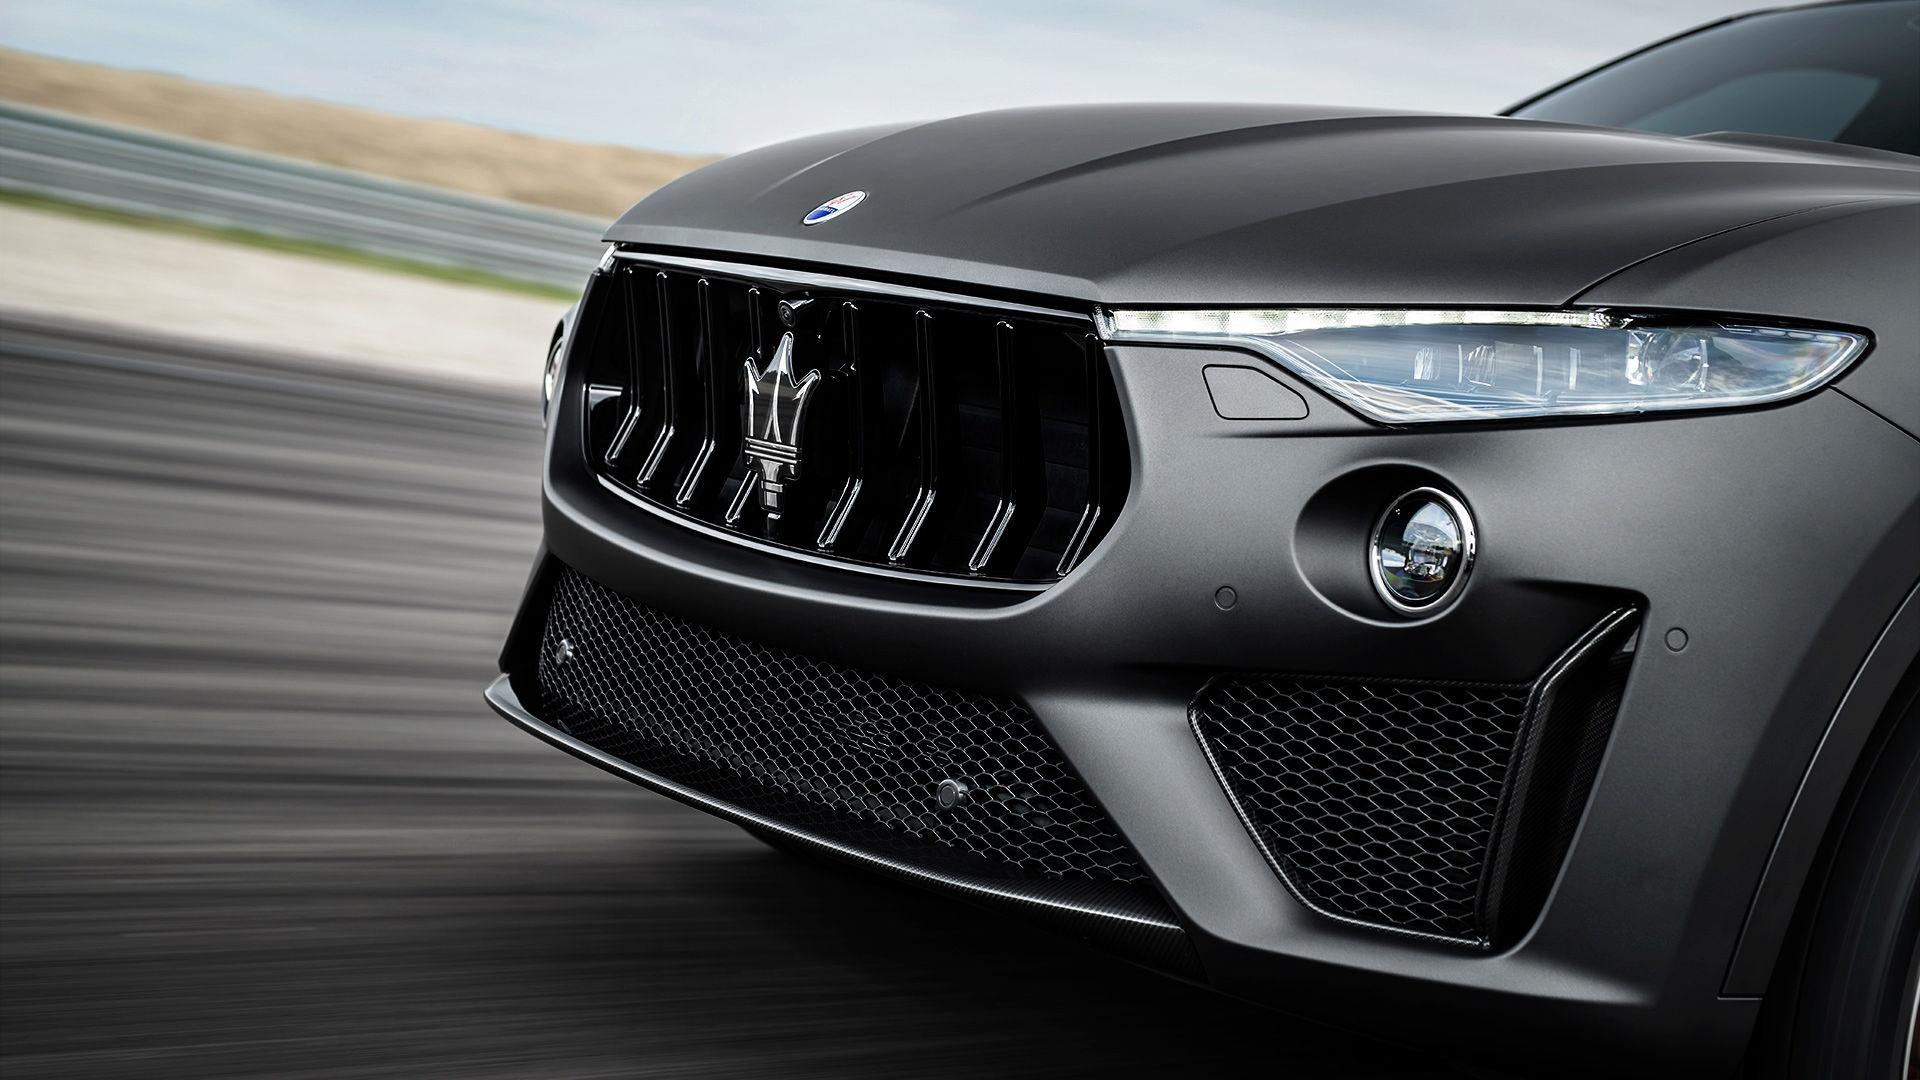 Maserati car for Monticello Motor Club's Art in Motion festival